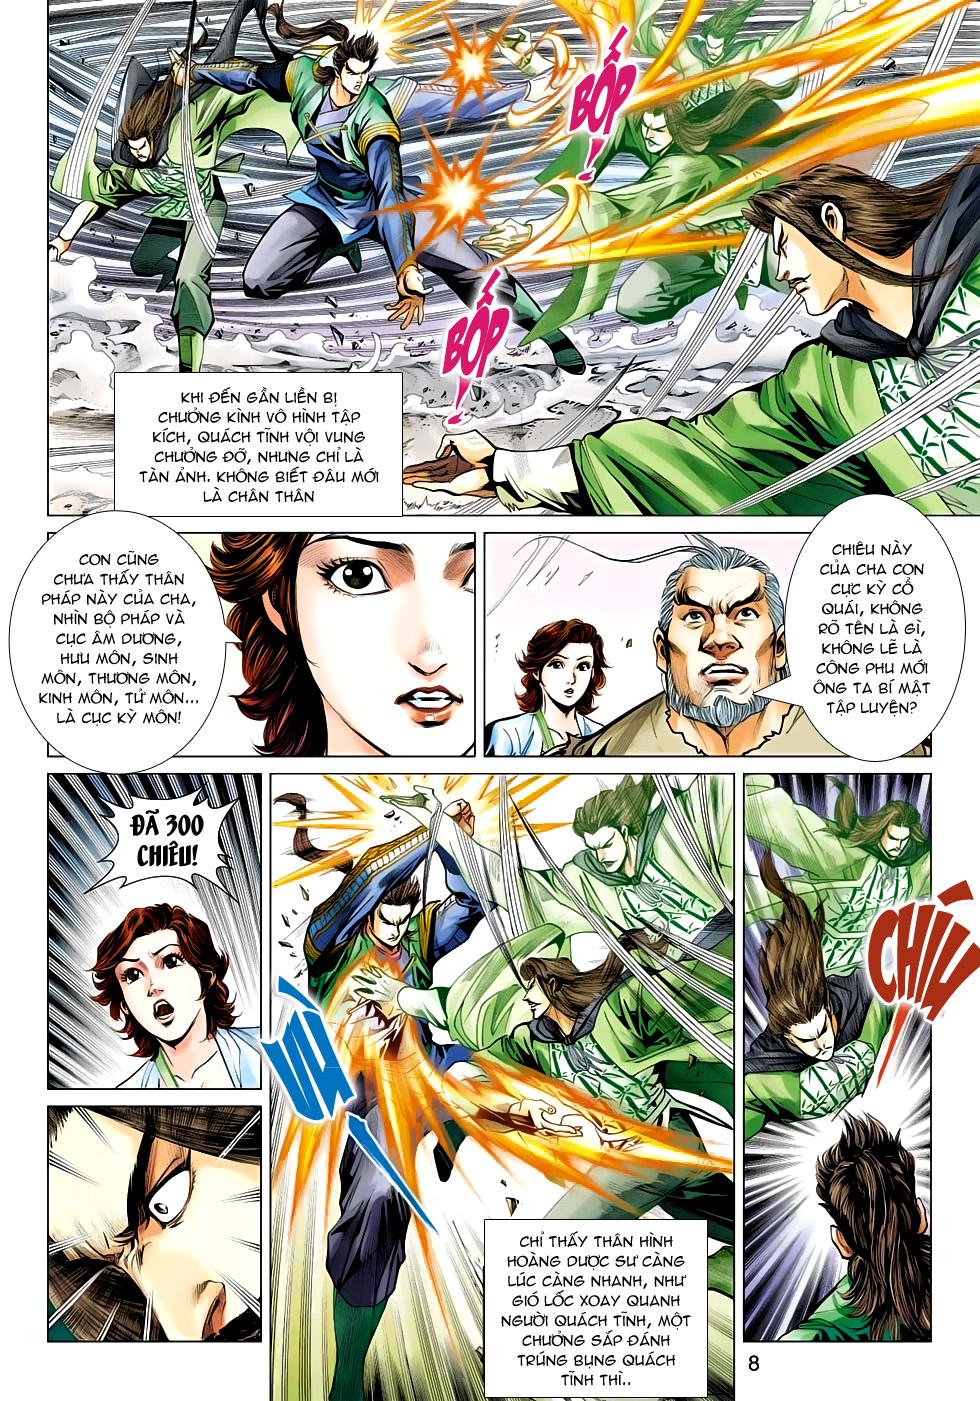 Xạ Điêu Anh Hùng Truyện chap 100 – End Trang 8 - Mangak.info